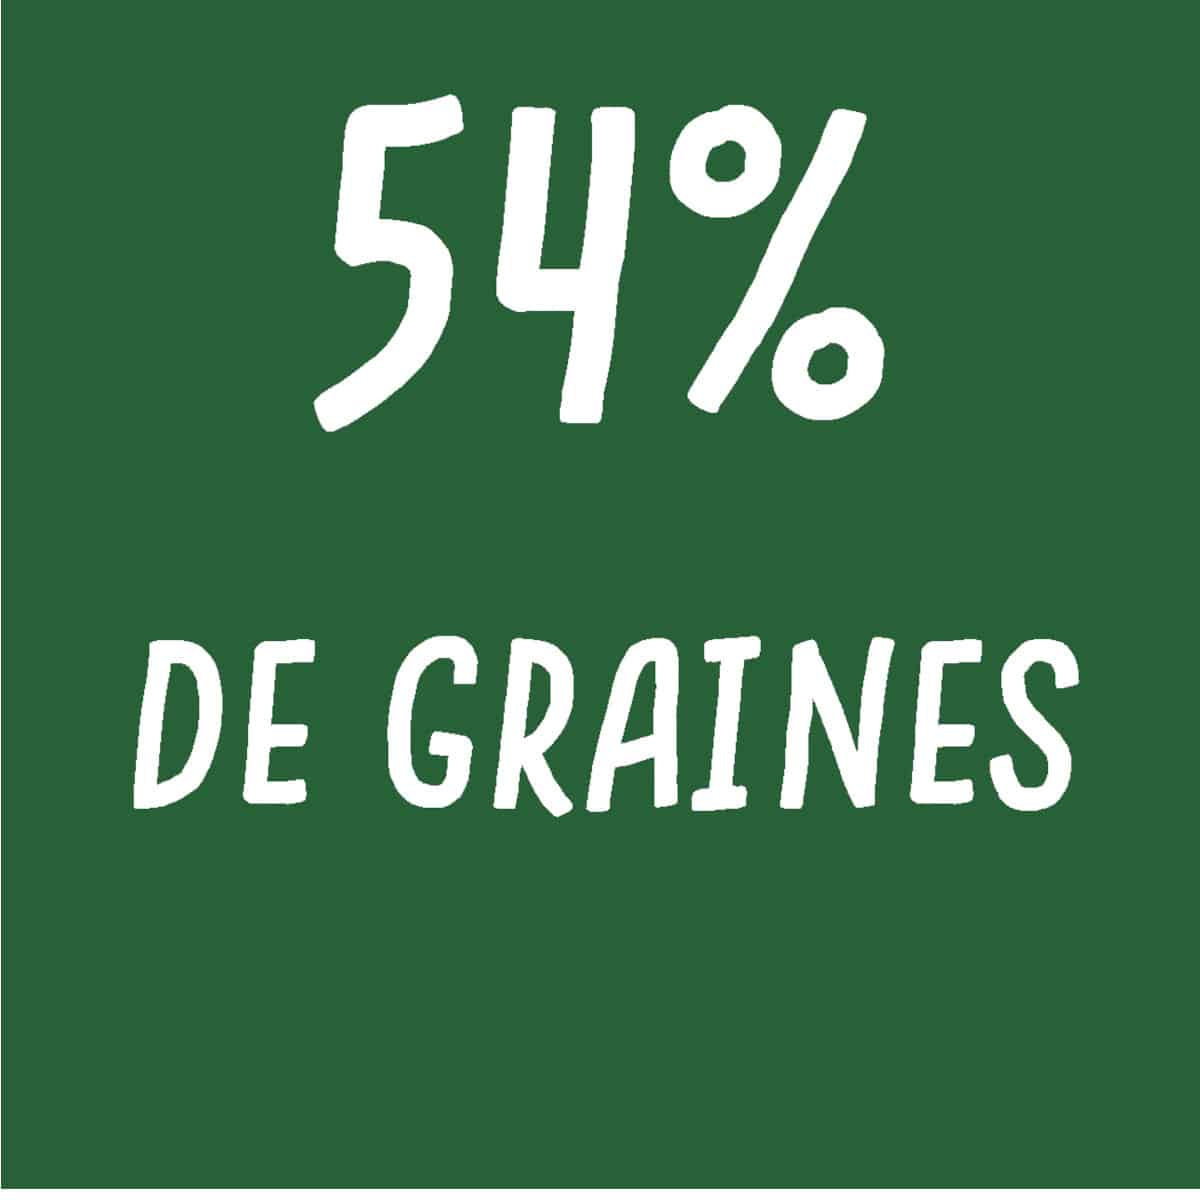 crackers piment, tomate, origan 54% graines